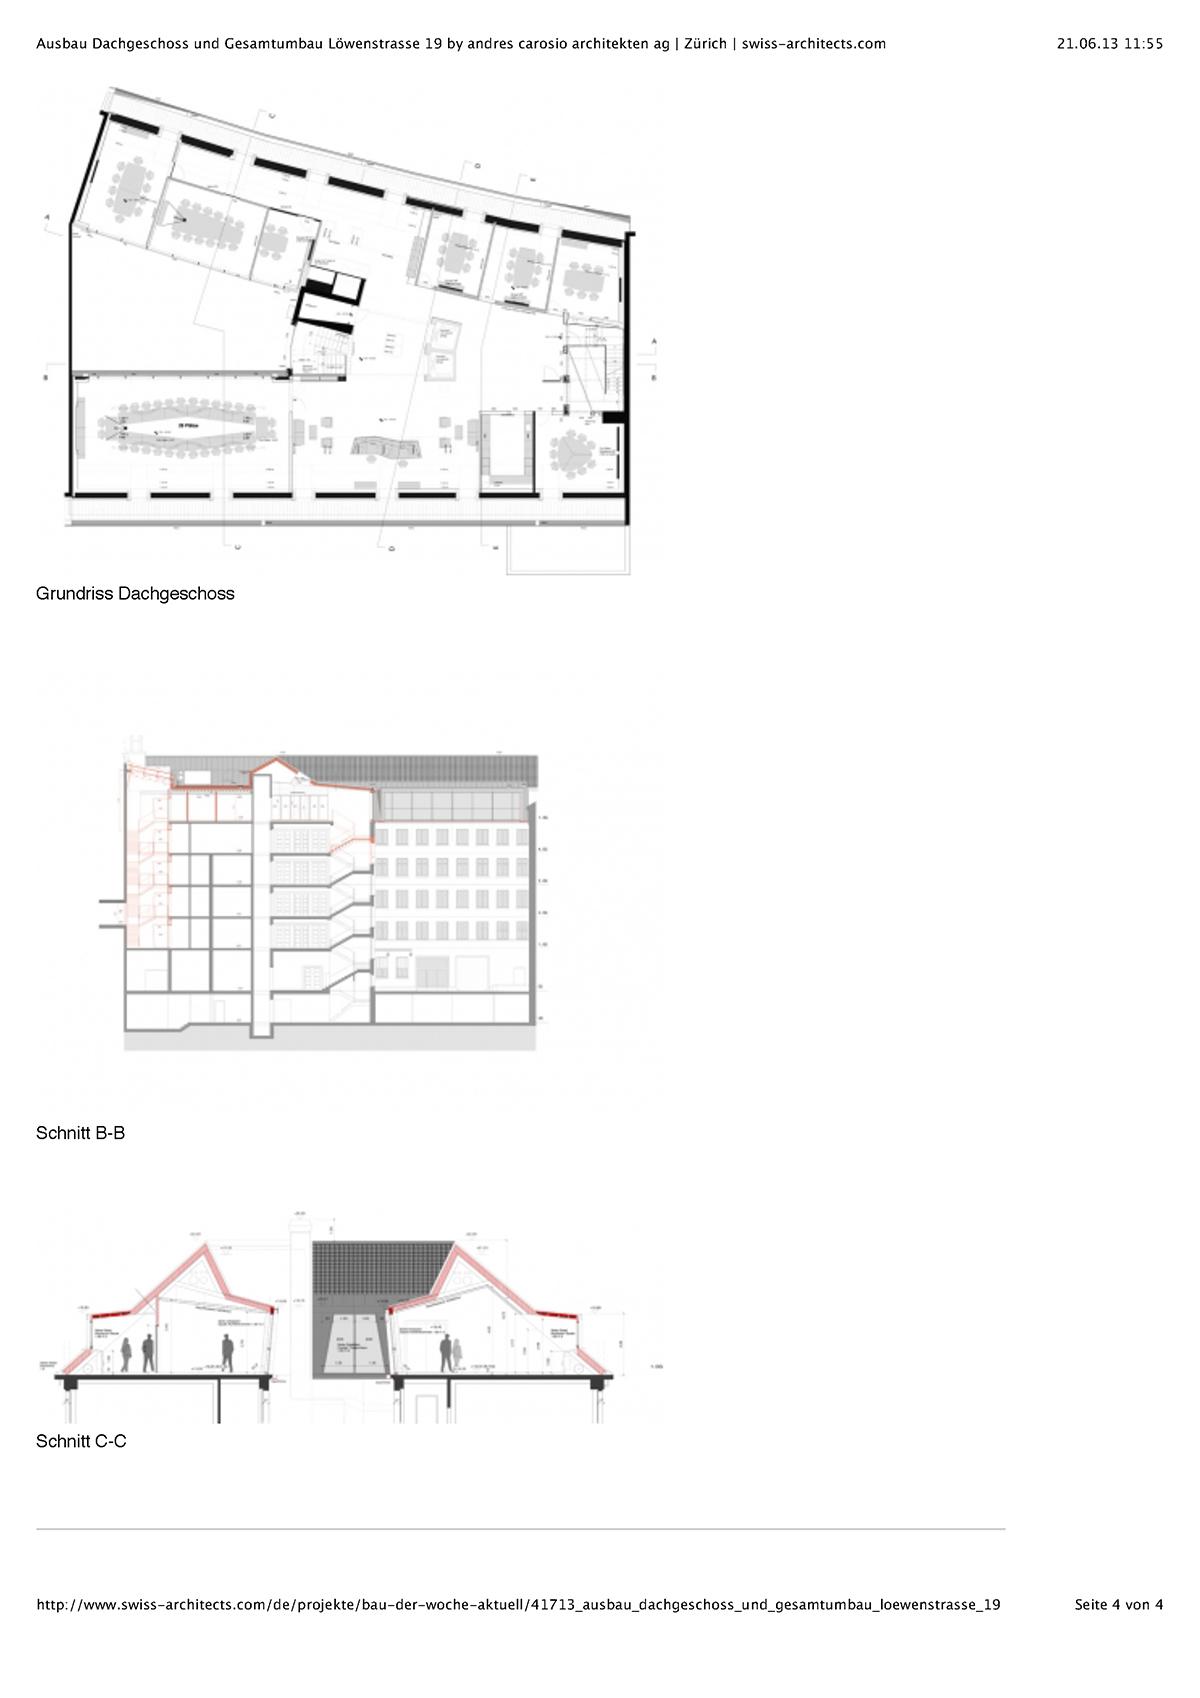 Ausbau-Dachgeschoss-und-Gesamtumbau-Loewenstrasse-19-by-andres-carosio-architekten-ag--Zuerich--swiss-architects.com_Seite_4